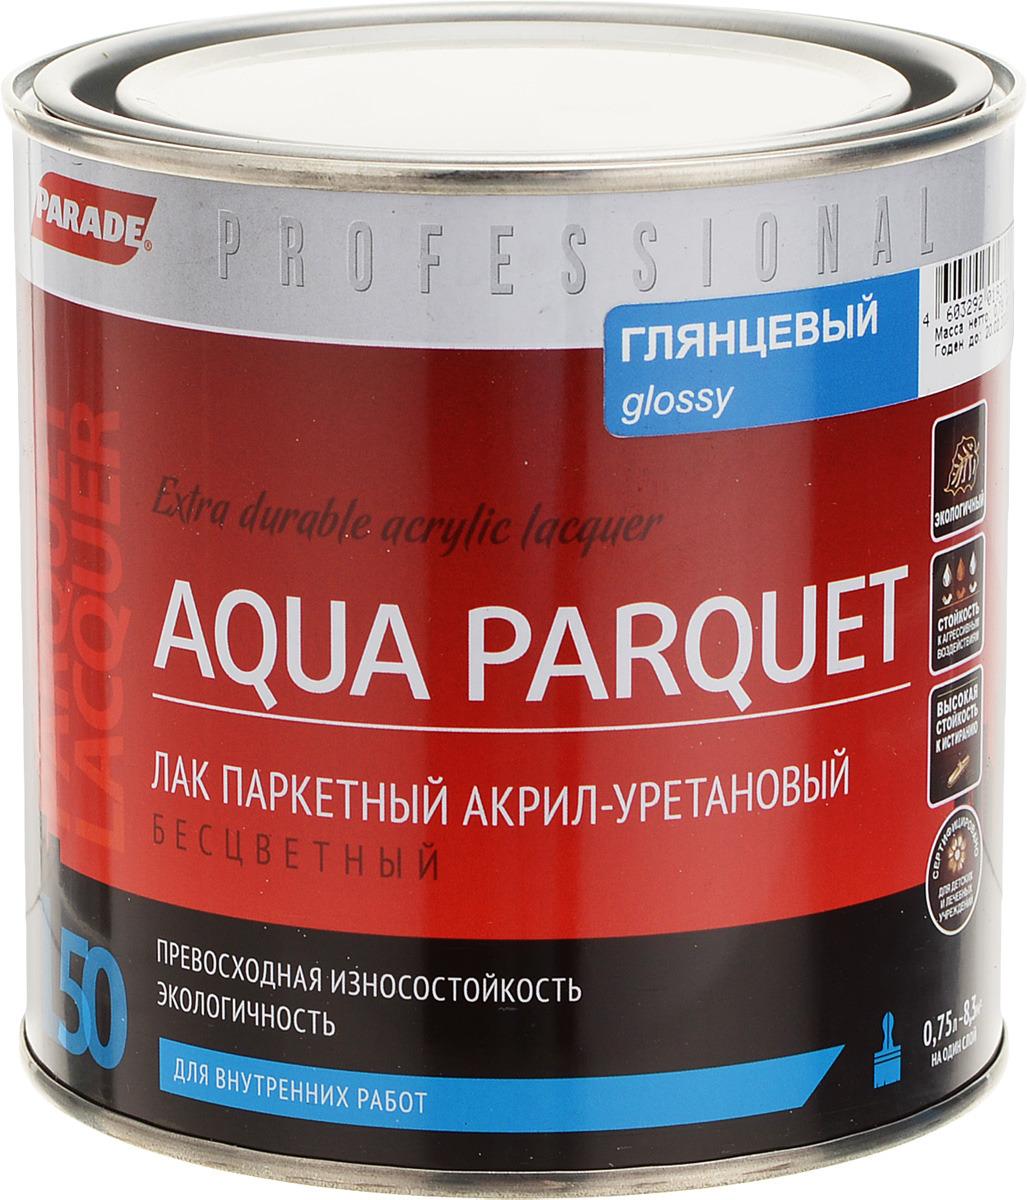 Лак Parade Professional L50 Aqua Parquet, акрил-уретановый, паркетный, глянцевый, 4603292019376, прозрачный, 0.75 л лак oxi паркетный лак ультрастойкий пу 0 75л б цв глянц ox1310ru